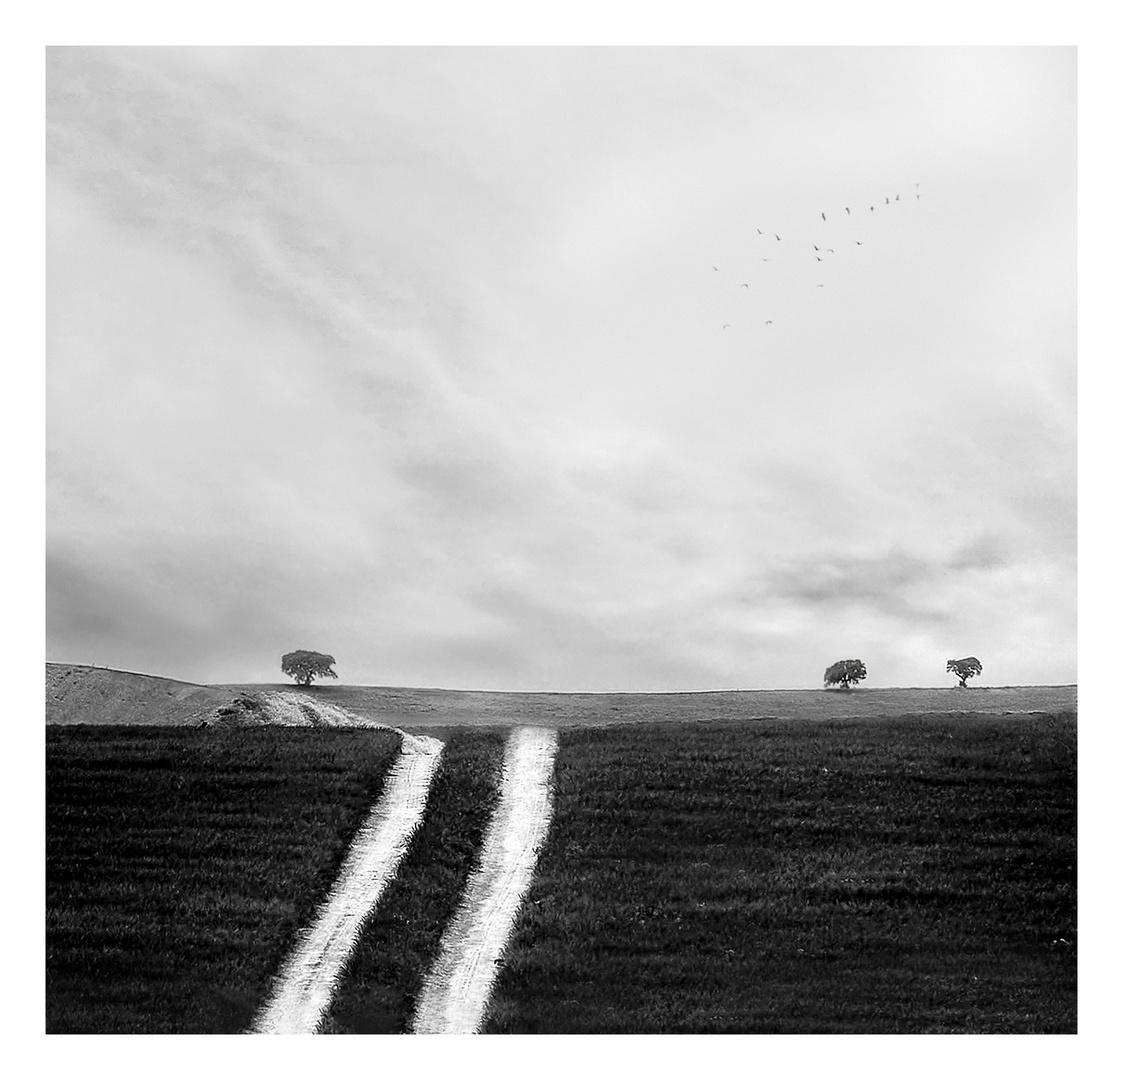 Caminos paralelos